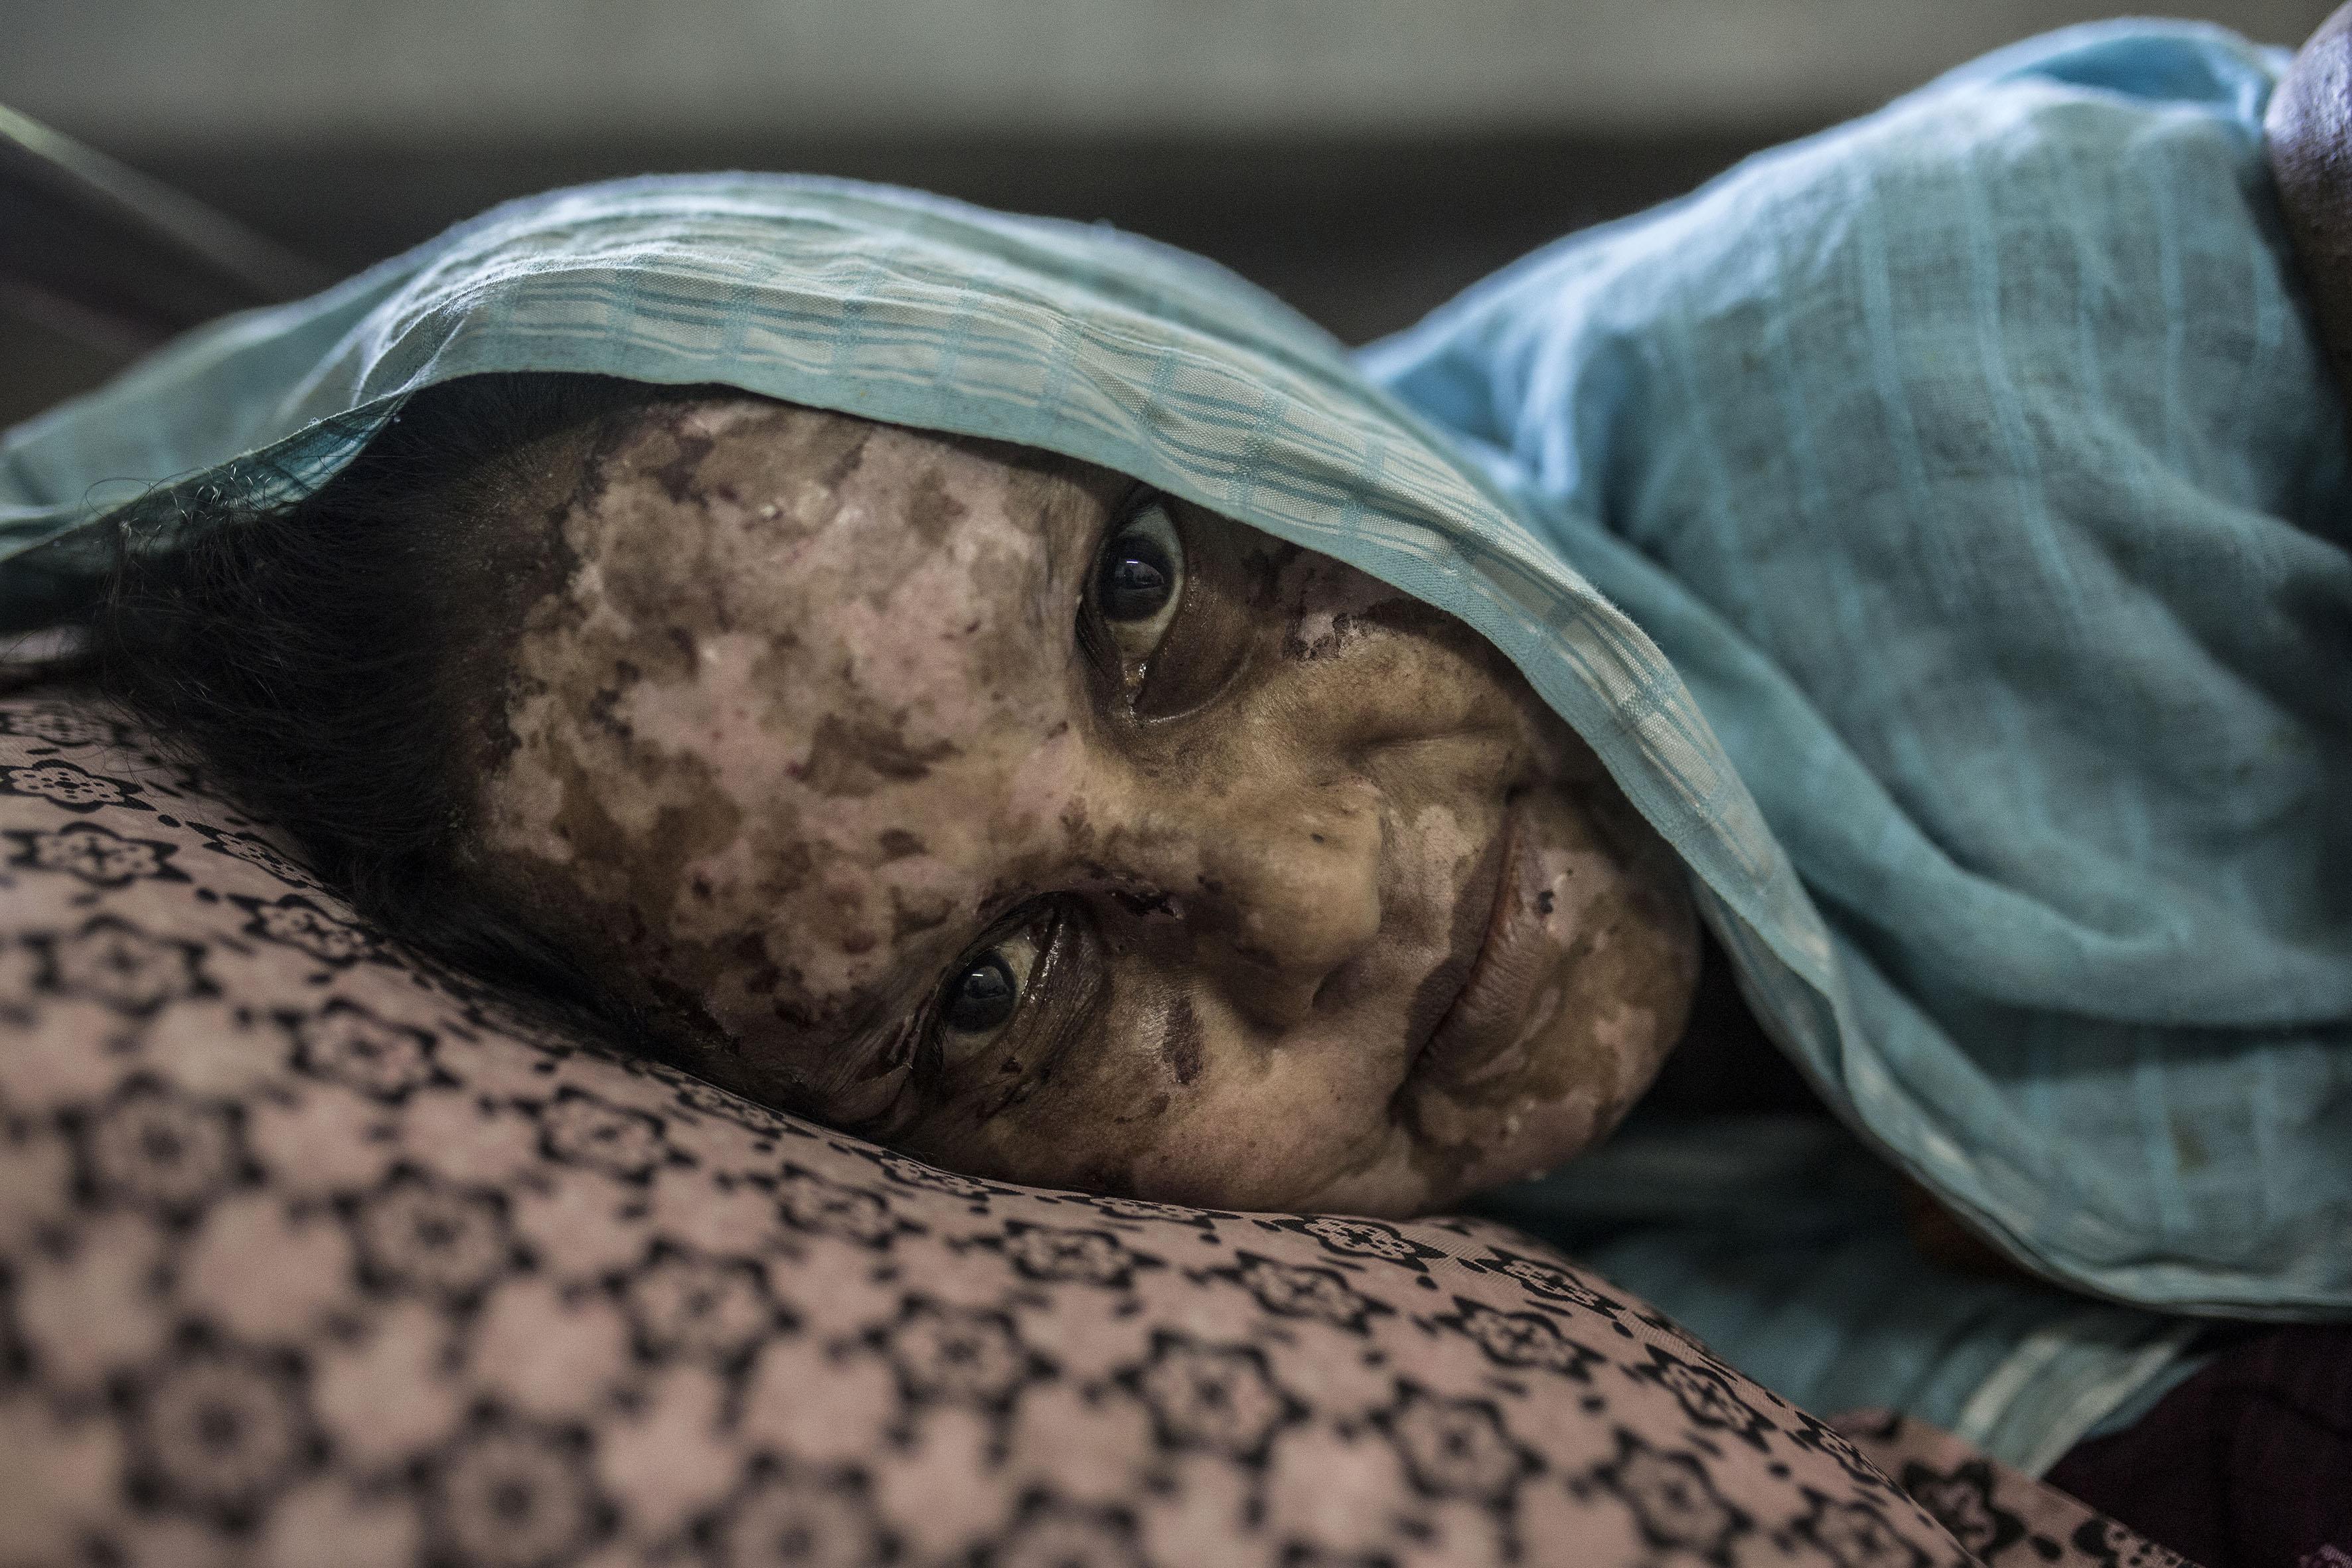 Shaheda tiene 40 años y el cuerpo quemado porque, según denuncia, el ejército de Myanmar prendió fuego a su aldea para expulsar a todos los rohingyas. Se recupera de sus heridas en un hospital de Cox´s Bazar , en Bangladesh. 24/09/2017.